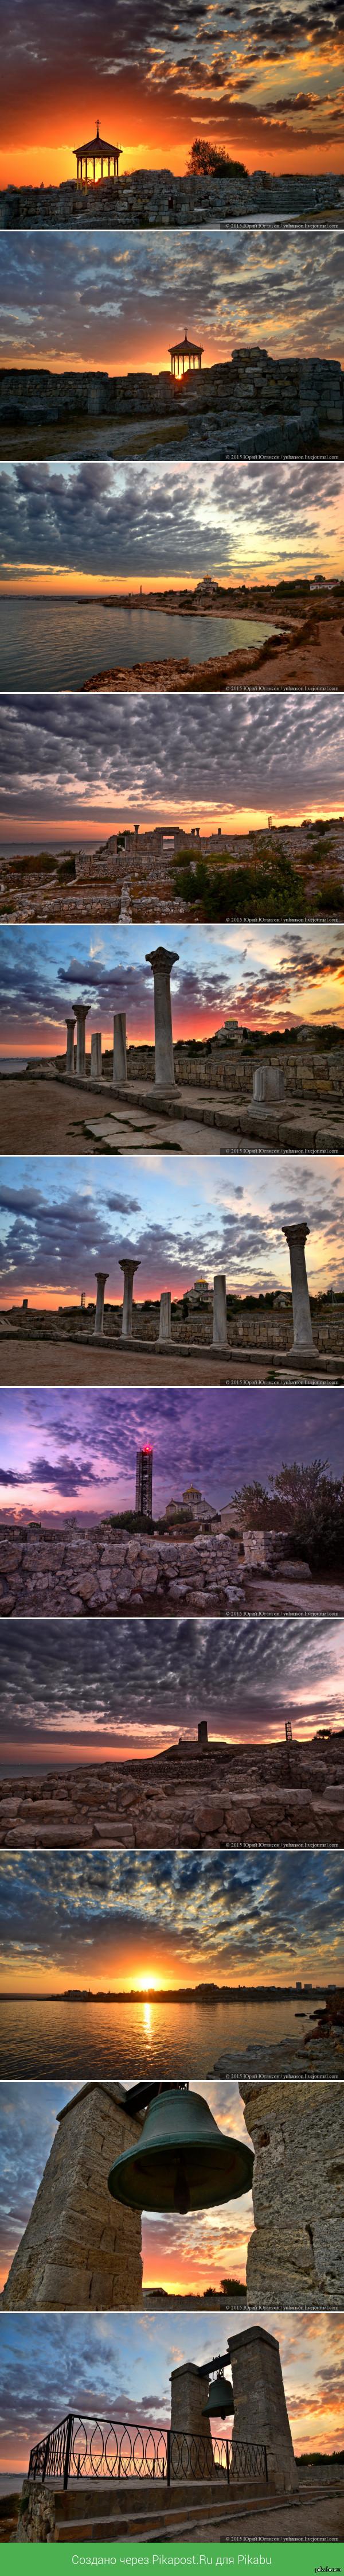 Вечер в Херсонесе Использованы фотографии севастопольского фотографа Юрия Югансона